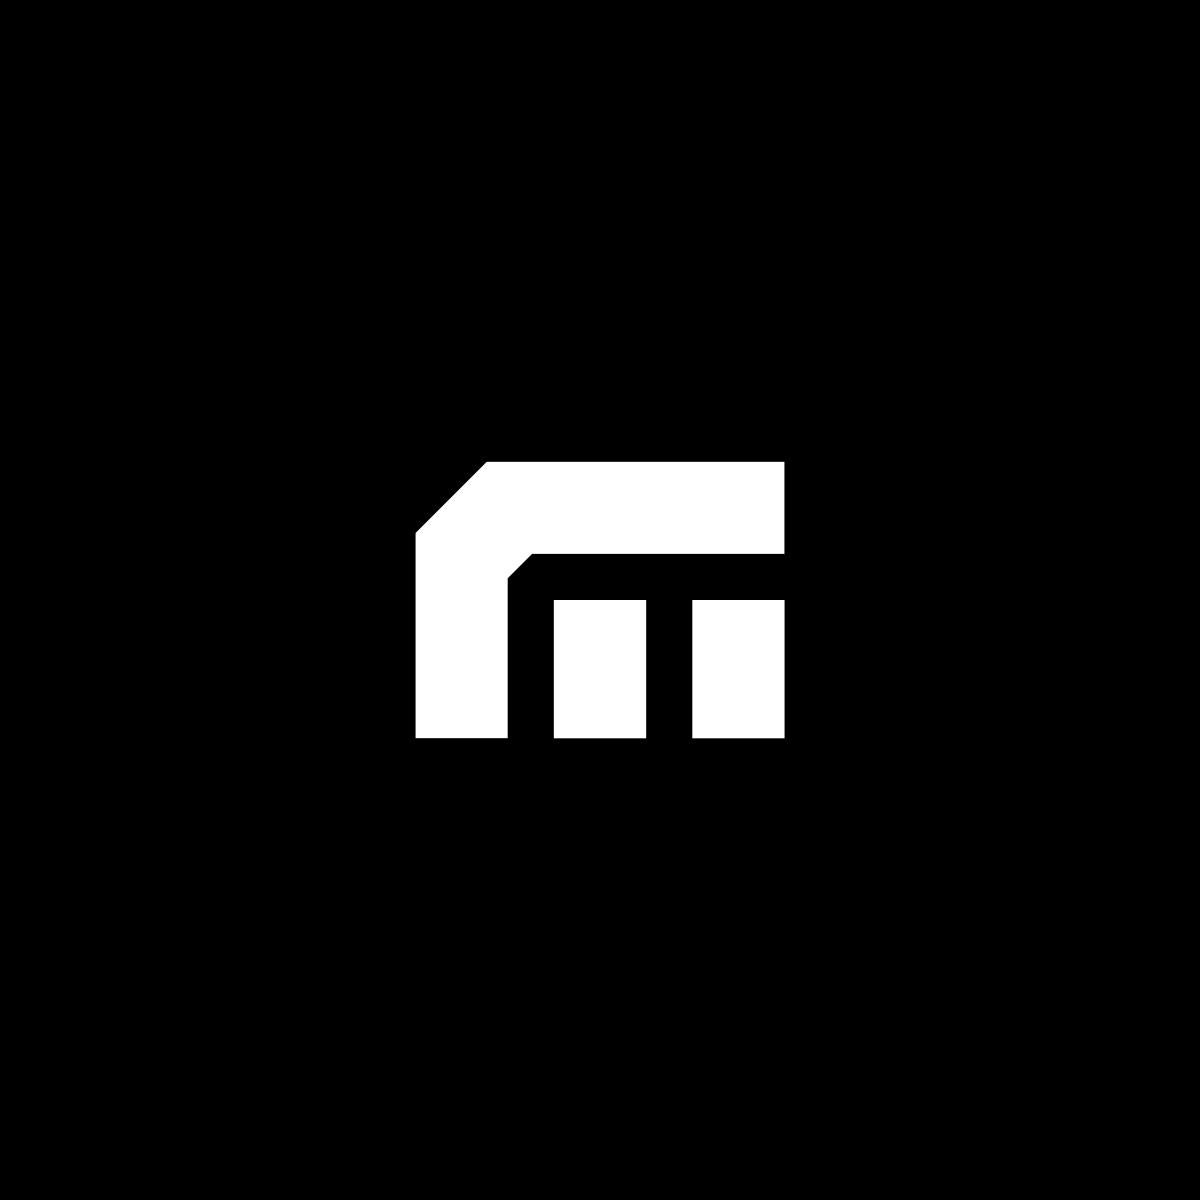 Various-Logos_m7